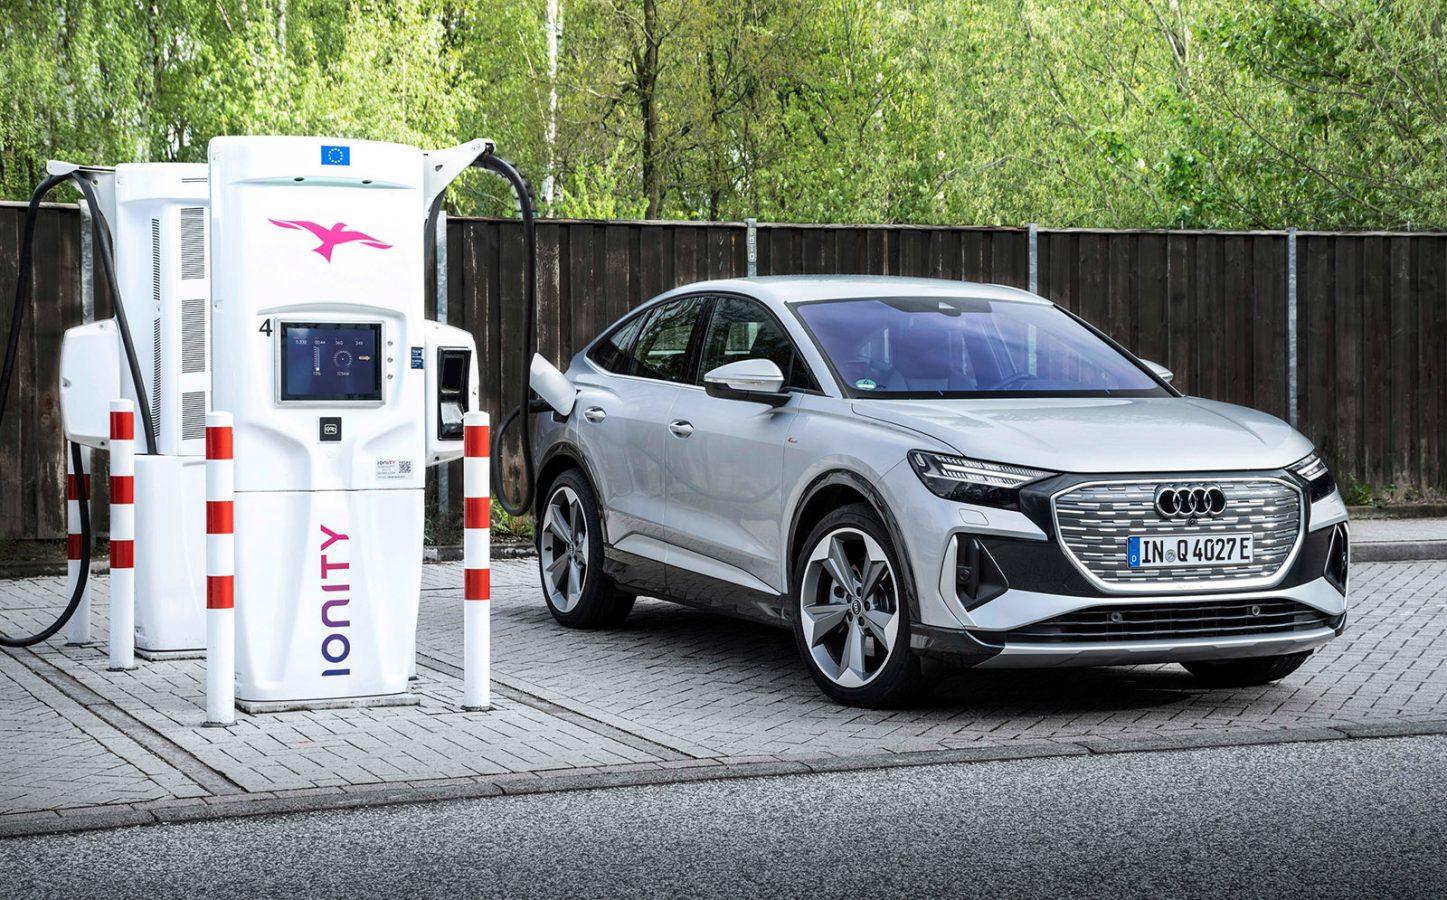 Audi finalizará la producción de sus motores de combustión interna en 2033